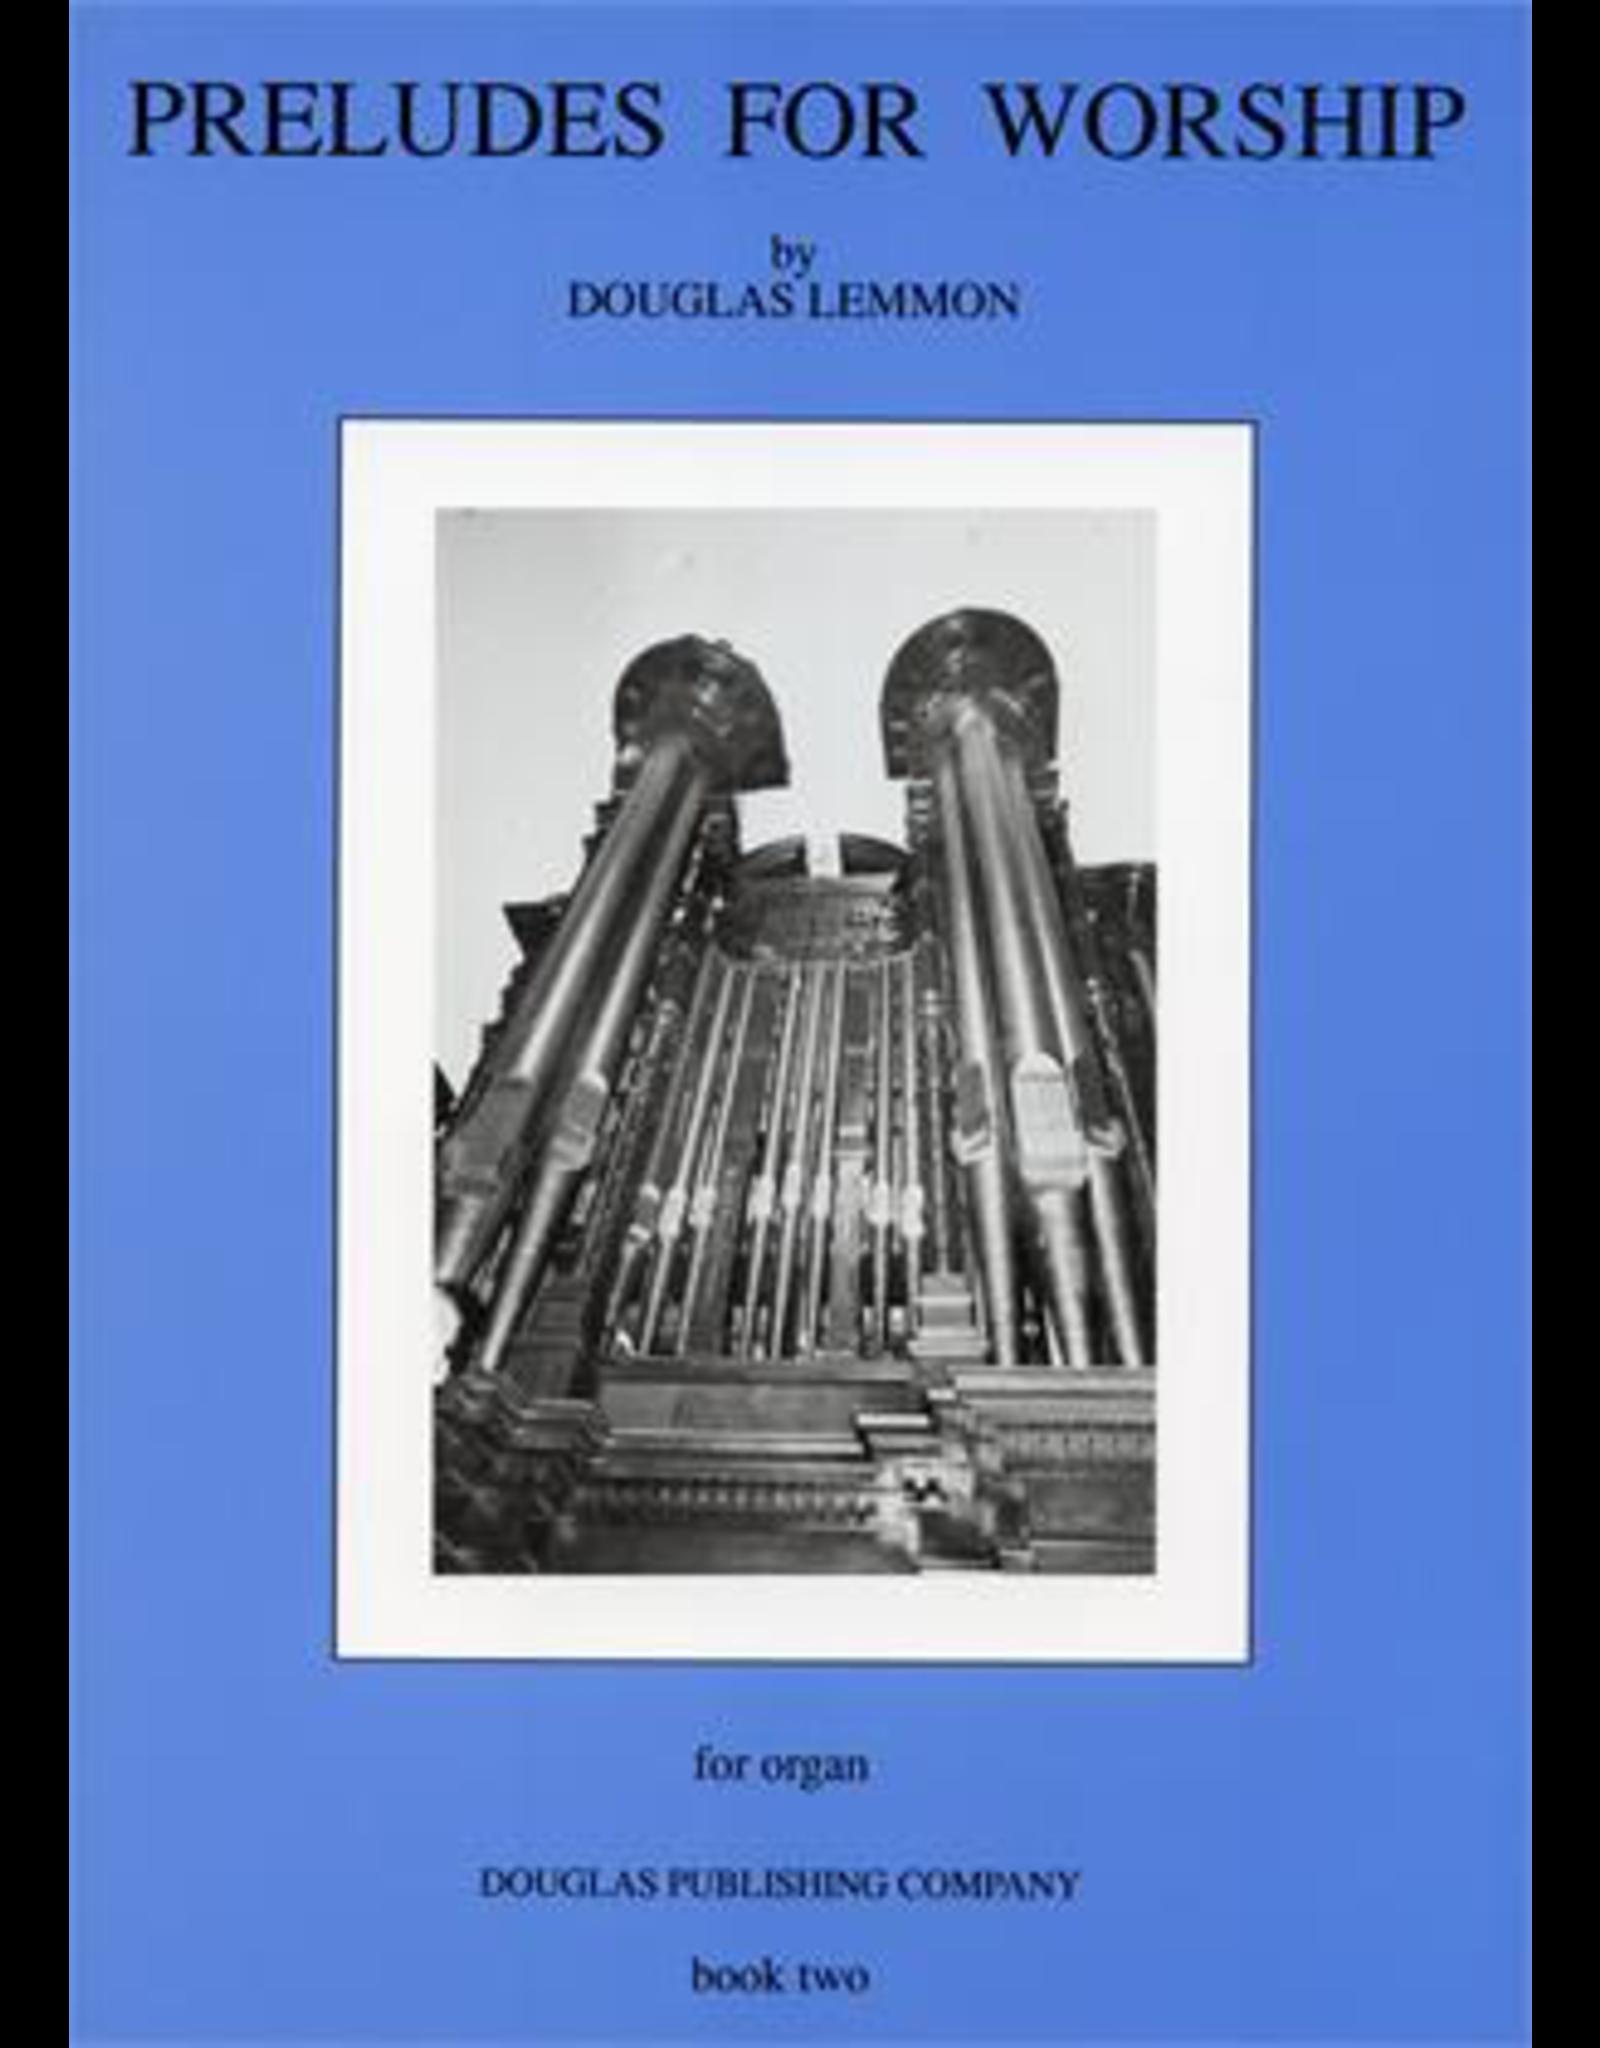 Preludes for Worship Book 2 Douglas Lemmon